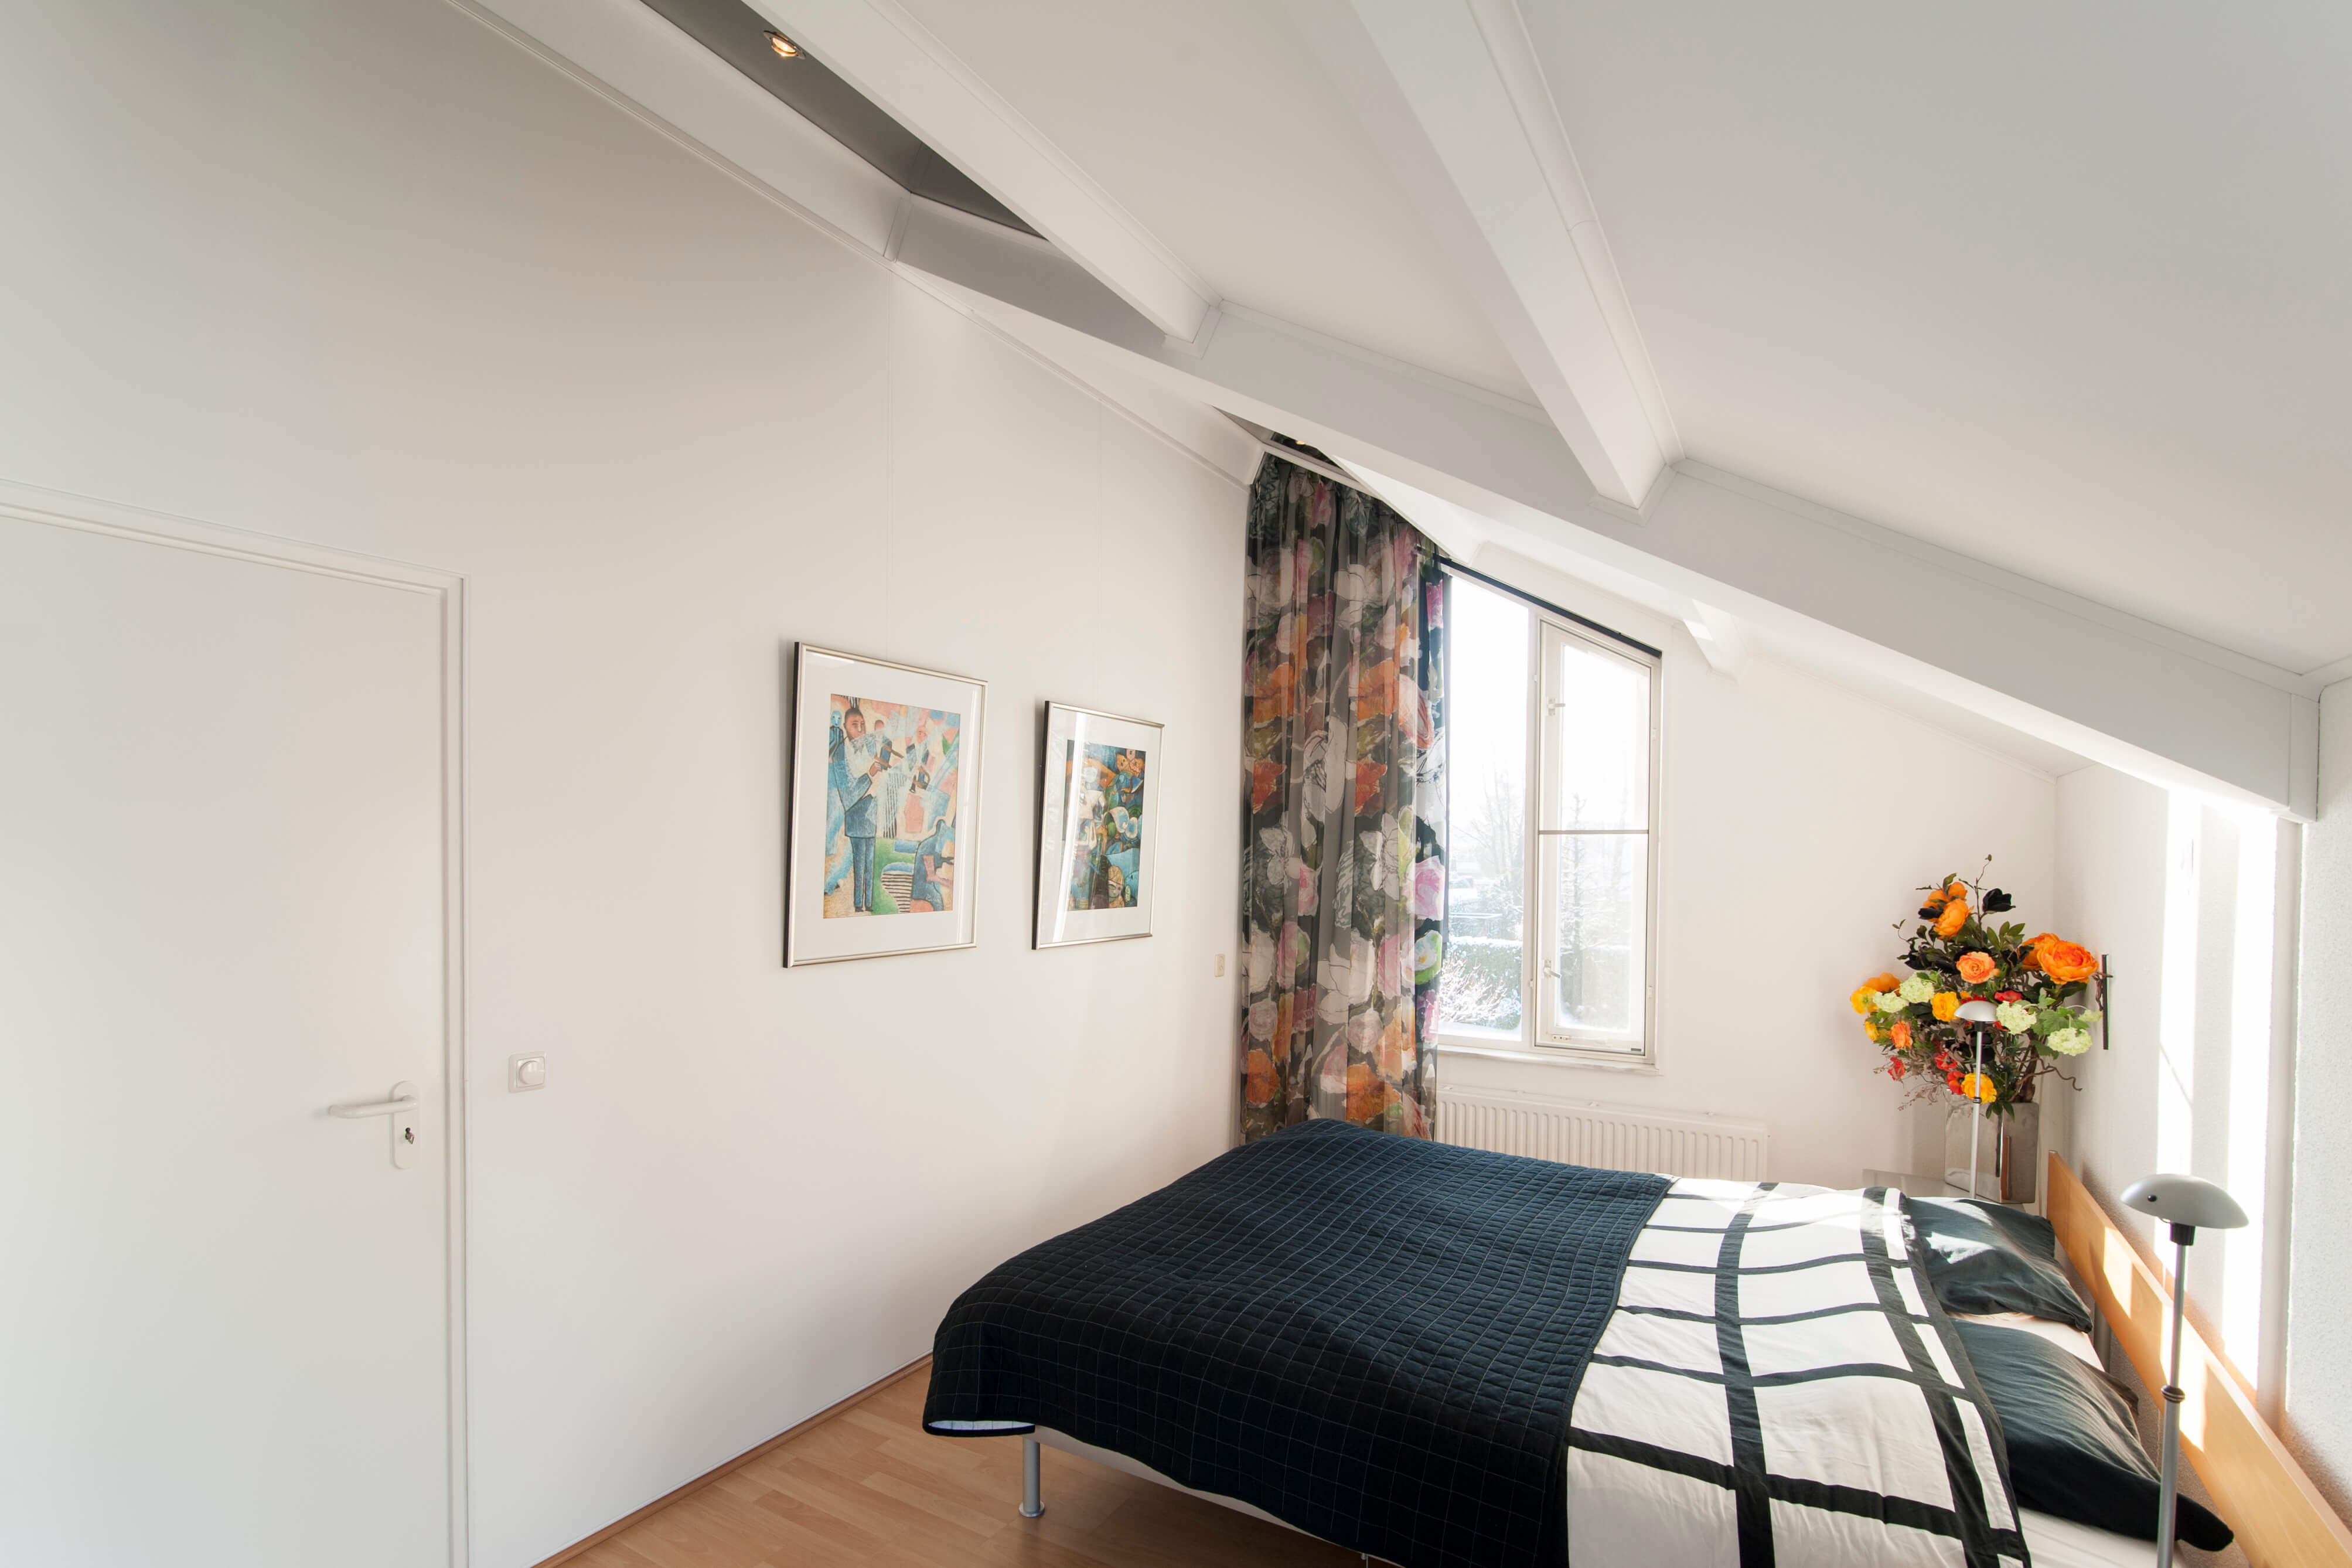 Woonkamer aan de muur op een grijze geel - Deco woonkamer aan de muur wit ...